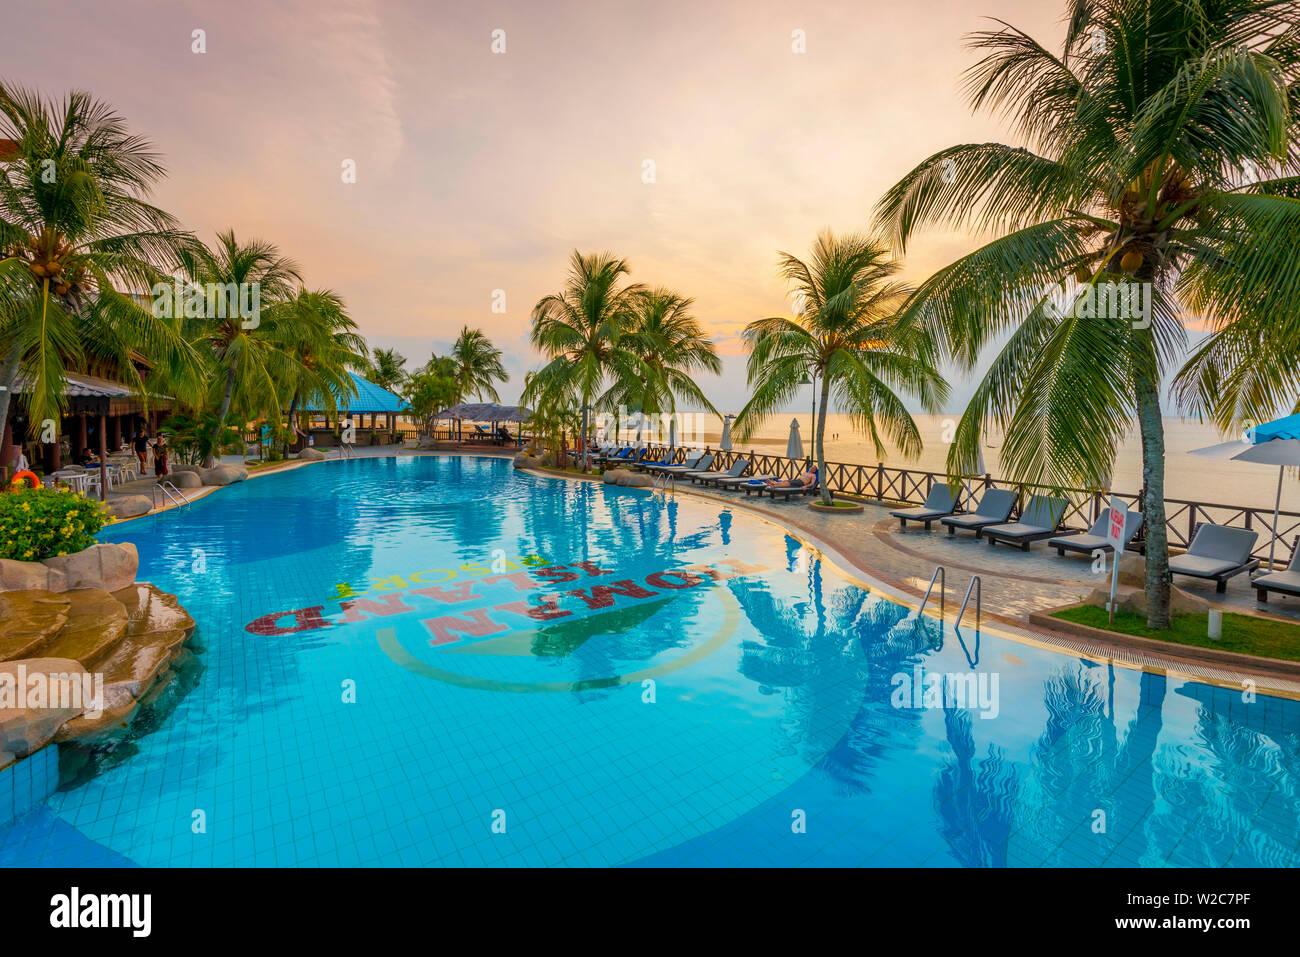 Malasia, Pahang, Pulau Tioman (la isla de Tioman), el Berjaya Berjaya Tioman Beach Resort, Piscina Foto de stock